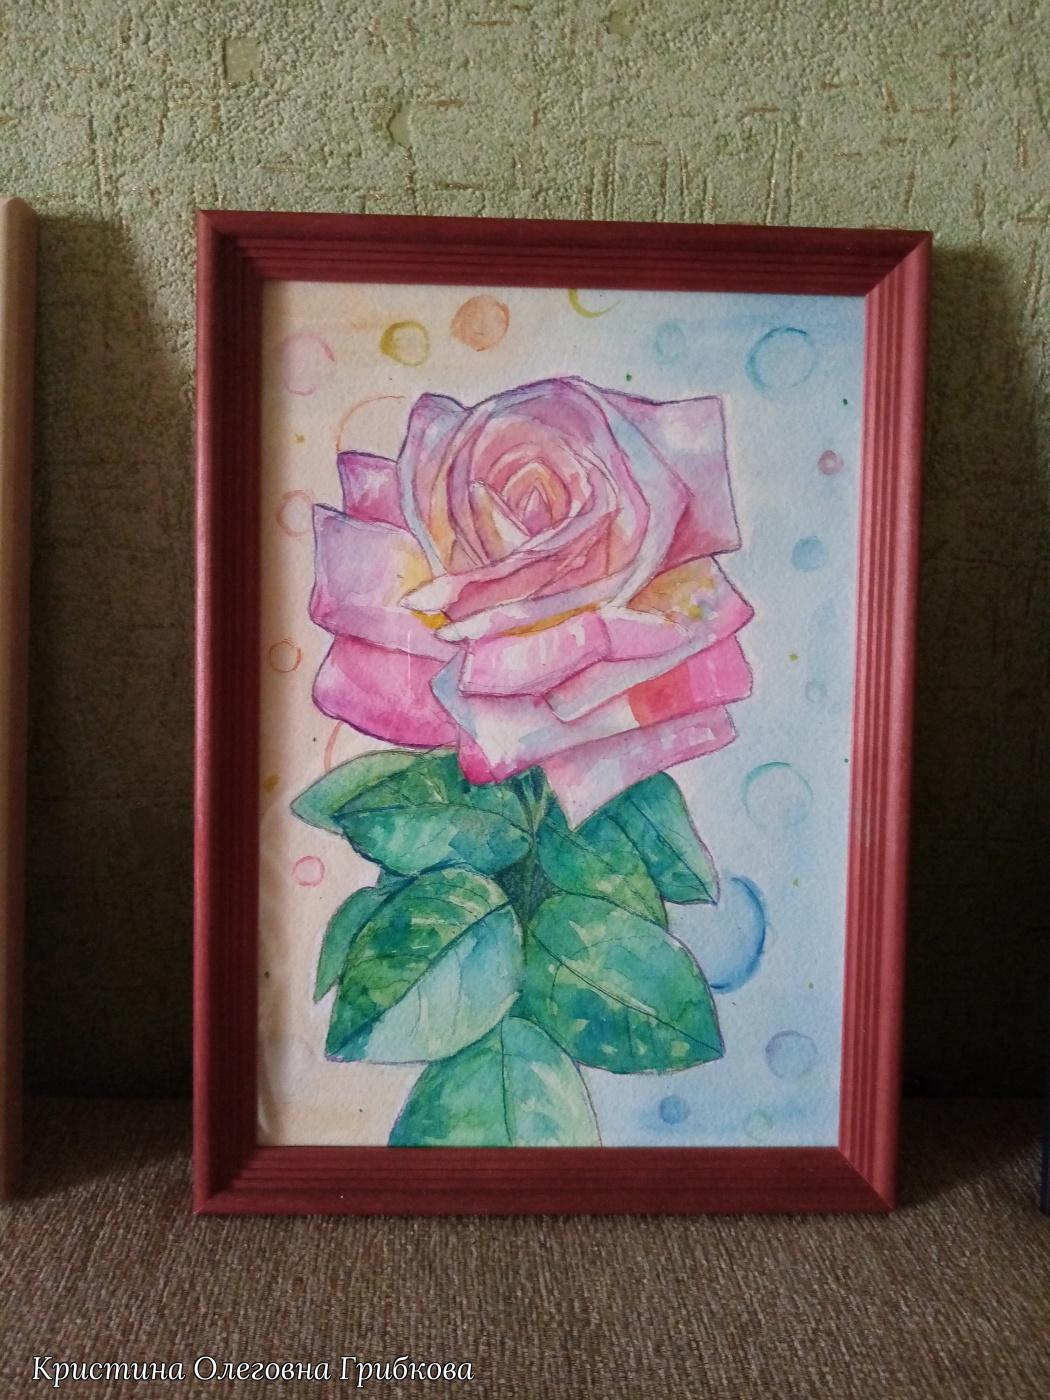 Christina Olegovna Gribkova. Rising rose